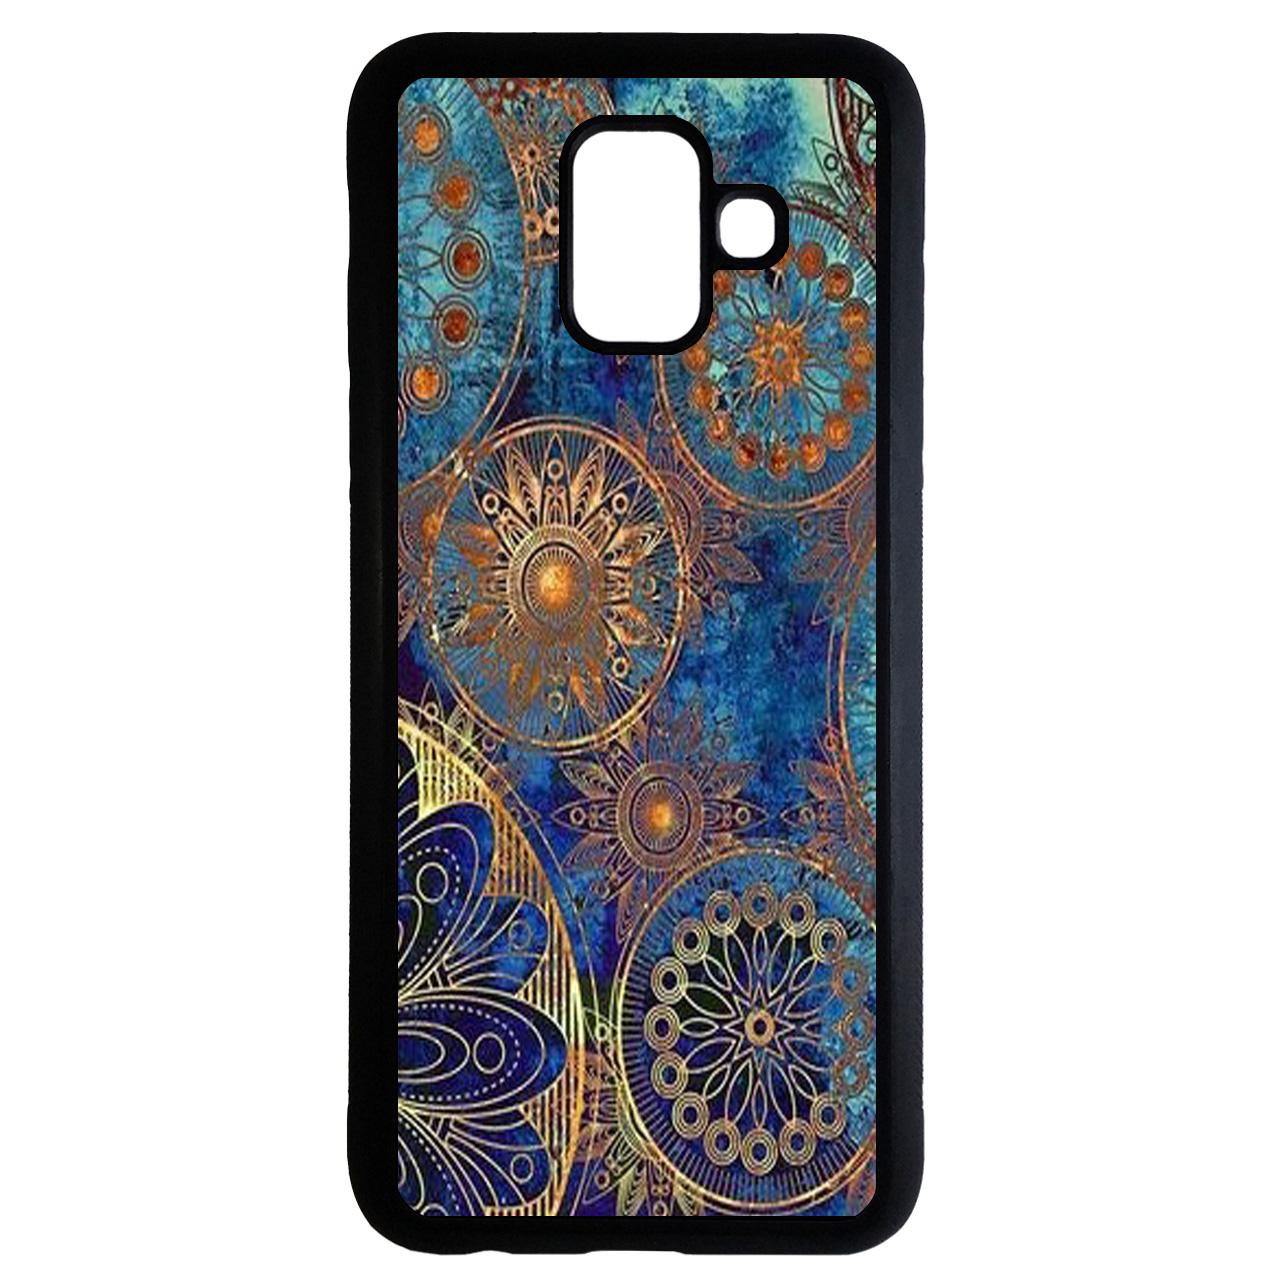 کاور طرح سنتی کد 6741 مناسب برای گوشی موبایل سامسونگ Galaxy a8 plus 2018